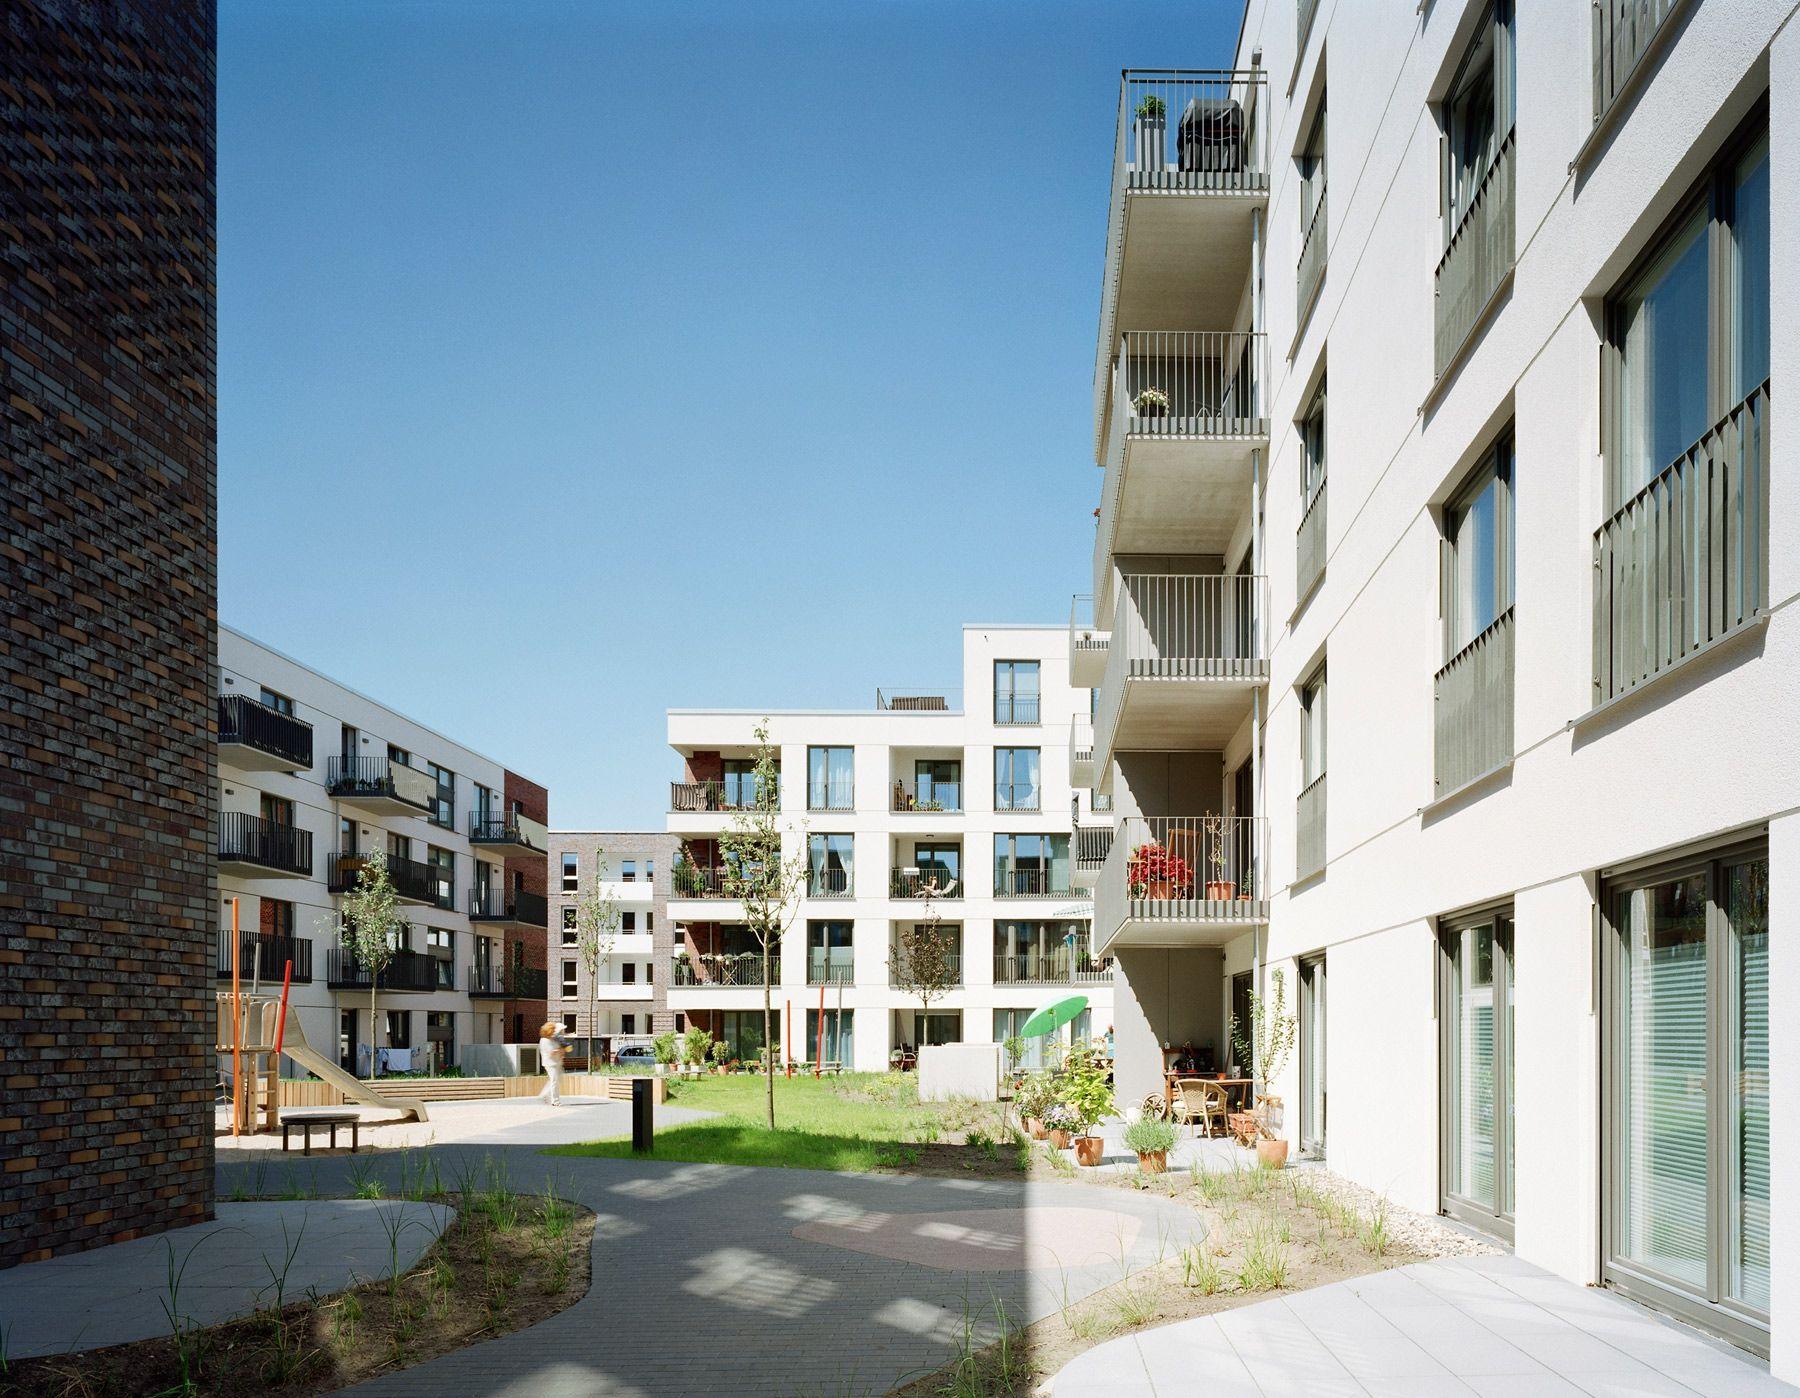 Dorfmüller I Klier Hamburg: Innenhof, © Dorfmüller I Klier, Hamburg